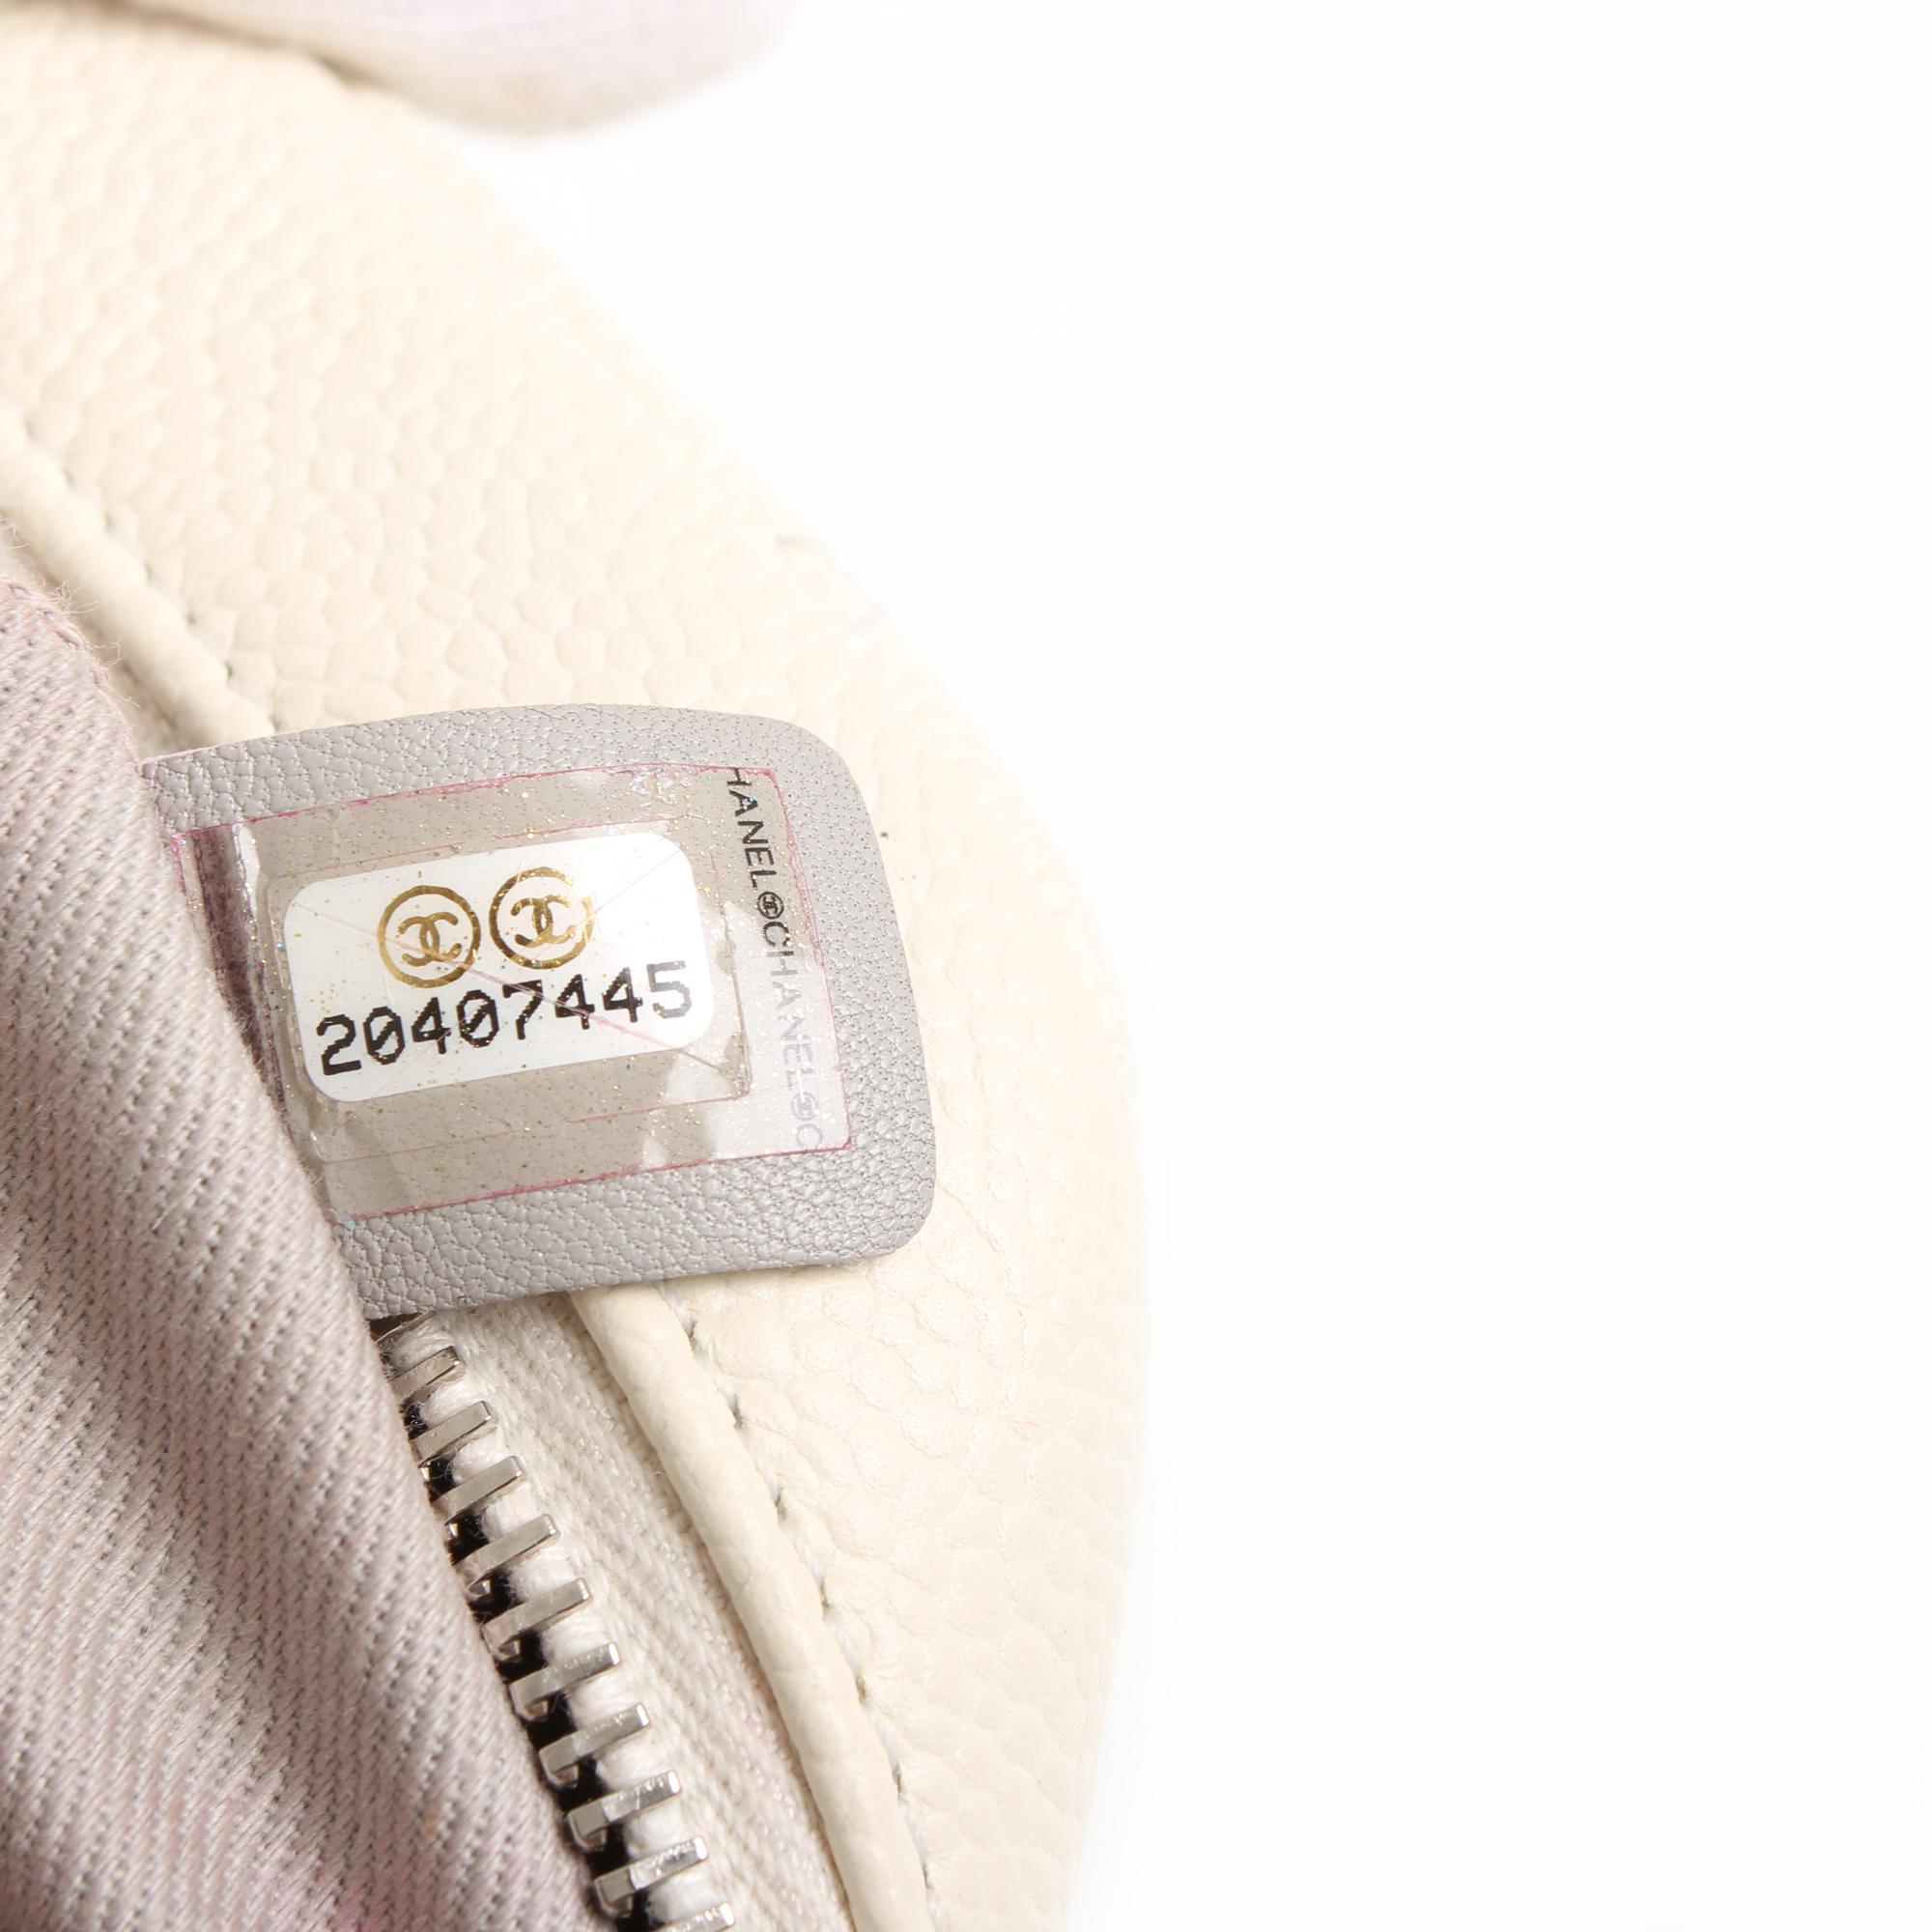 bolso chanel easy zip mediano piel caviar blanca numero de serie